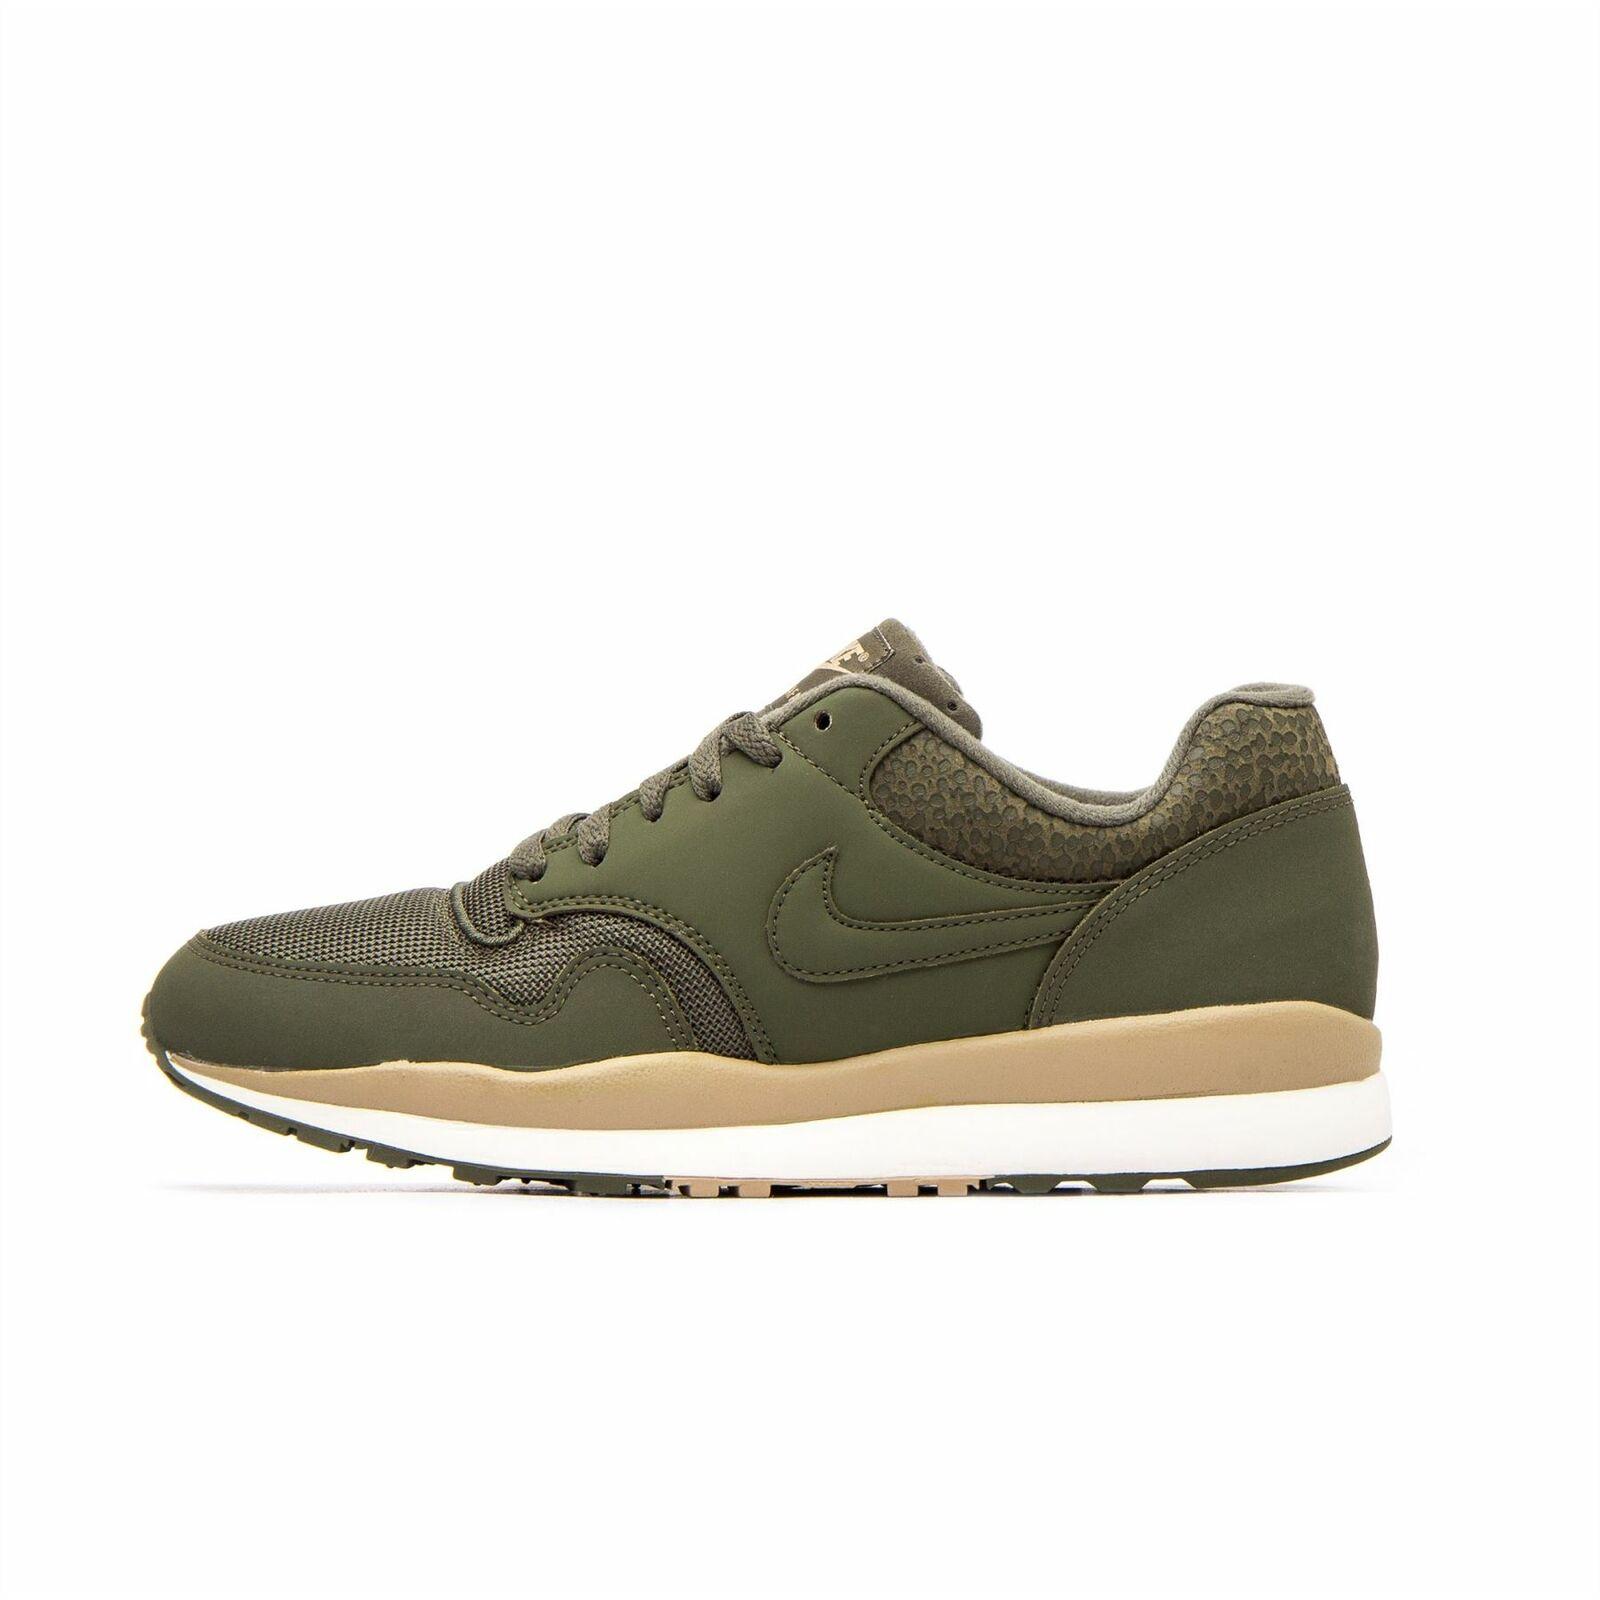 Nike Nike Nike Mens Air Safari Medium Olive Trainers 371740 201    4a26ee